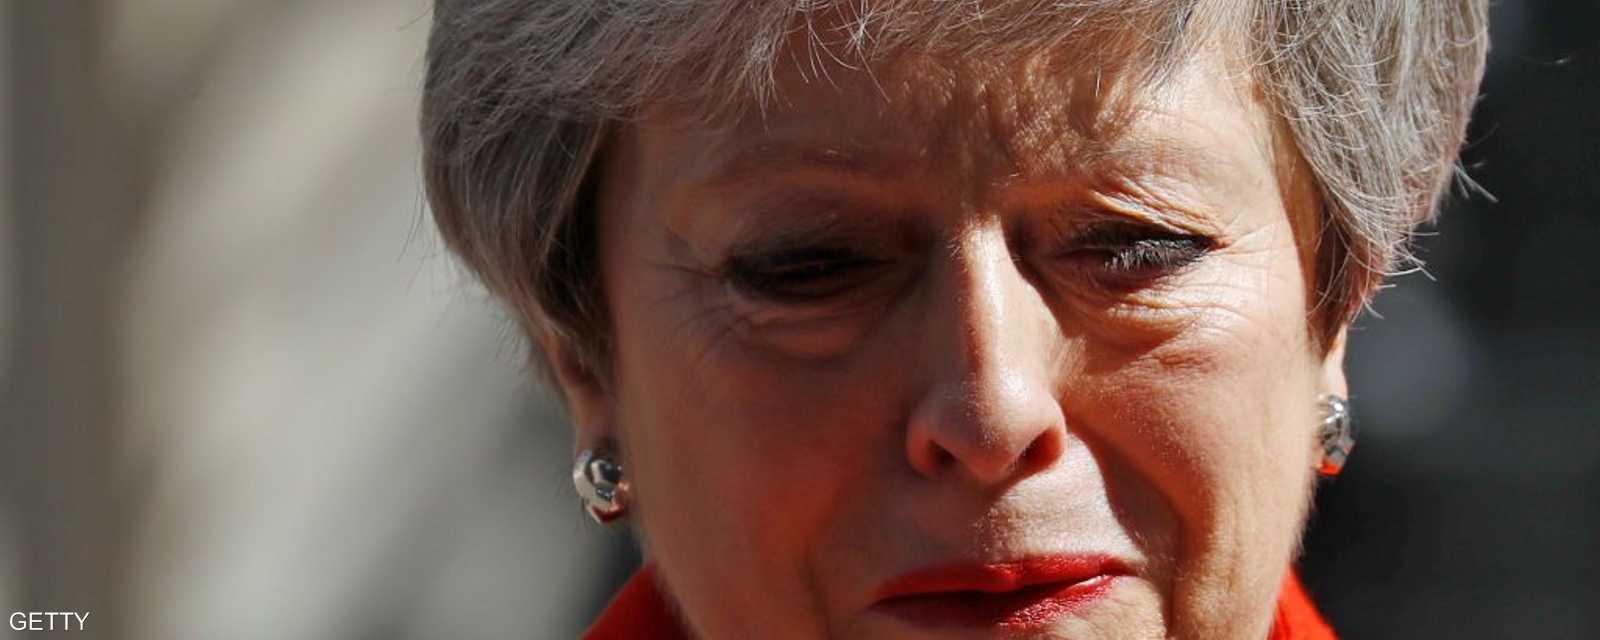 أعلنت رئيسة الوزراء البريطانية تيريزا ماي، الجمعة، استقالتها من منصبها، لتمهد الطريق أمام اختيار زعيم جديد من المرجح أن يسعى لإبرام اتفاق أكثر حسما لخروج بريطانيا من الاتحاد الأوروبي.